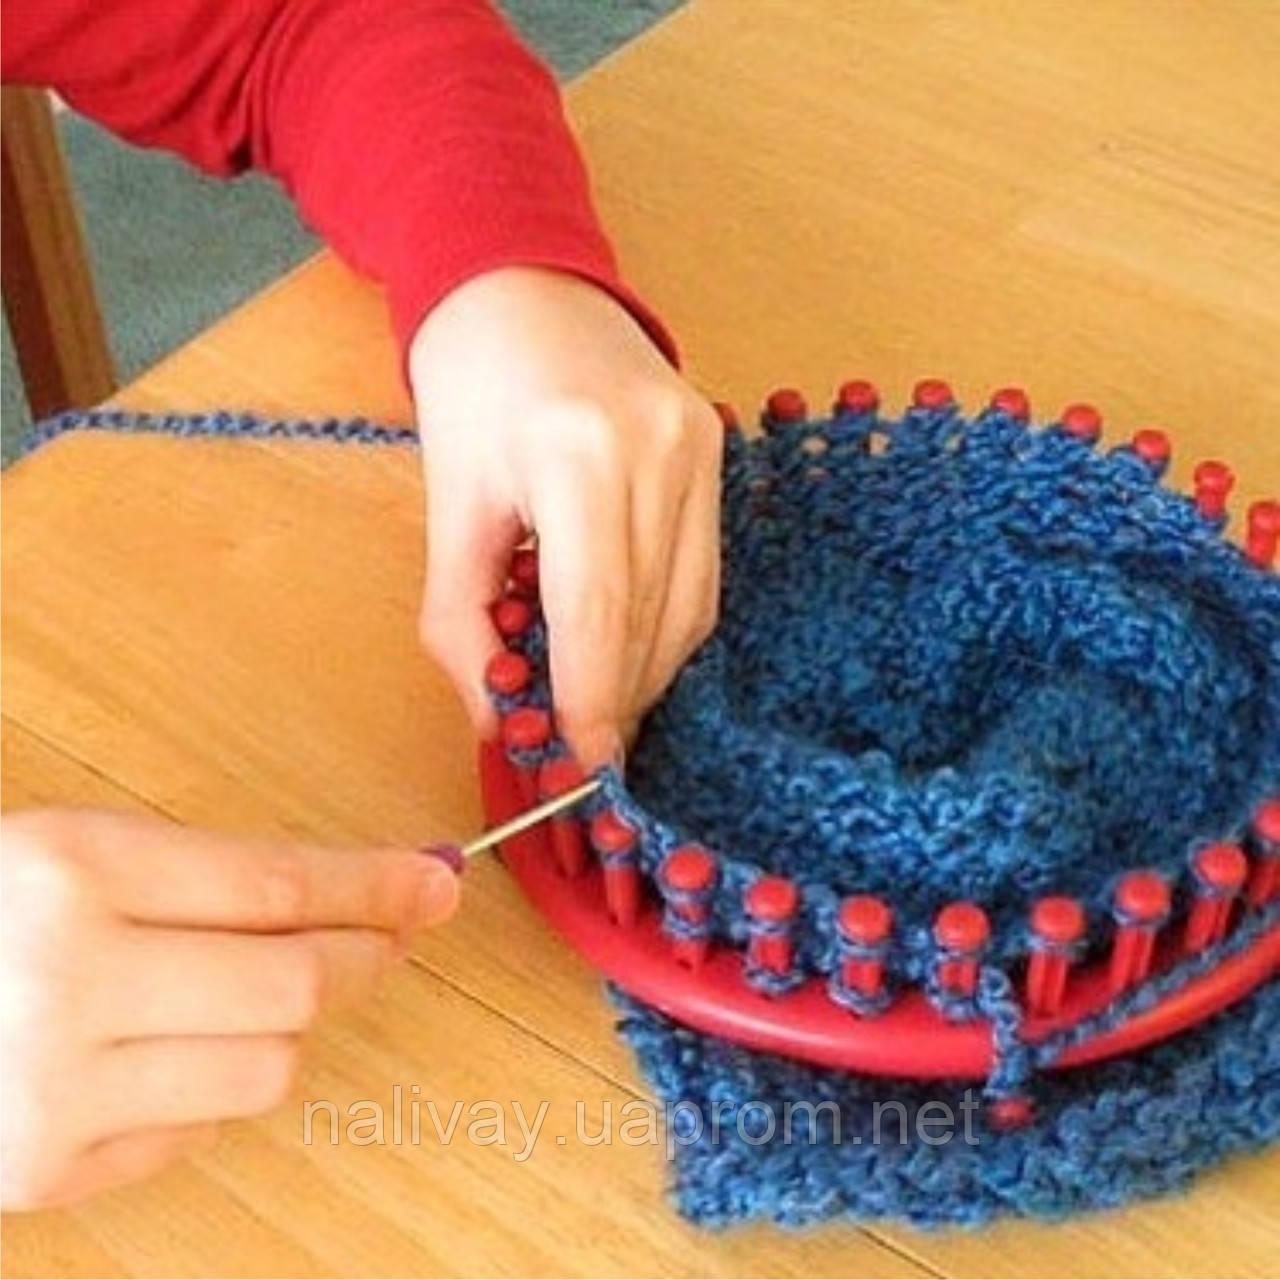 Станок своими руками для вязания носков